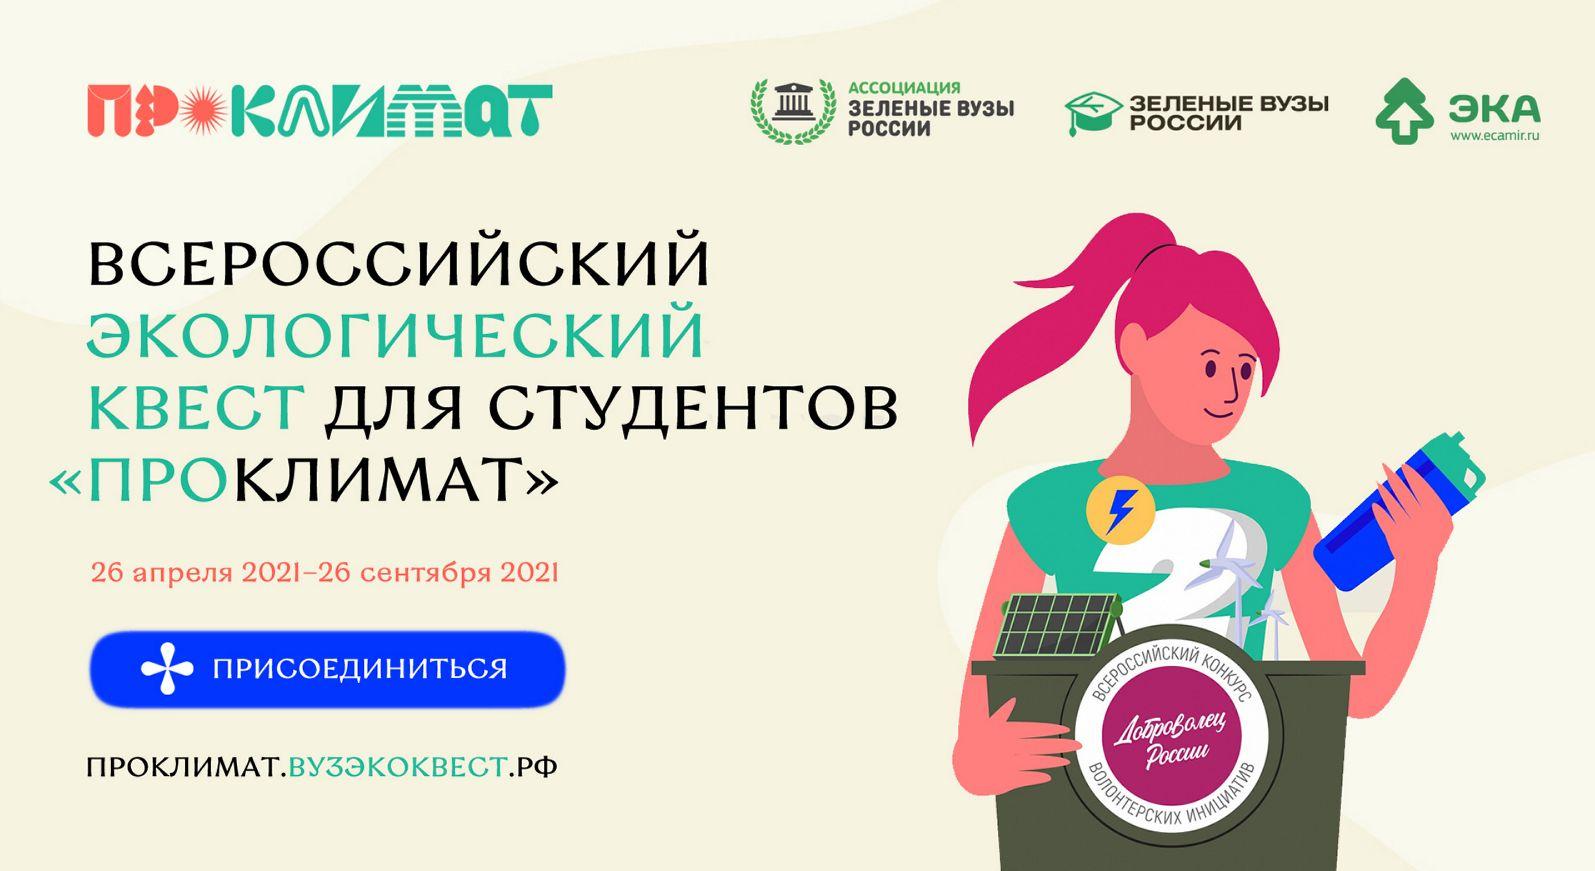 Ярославские студенты могут принять участие во всероссийском квесте «ПроКлимат»